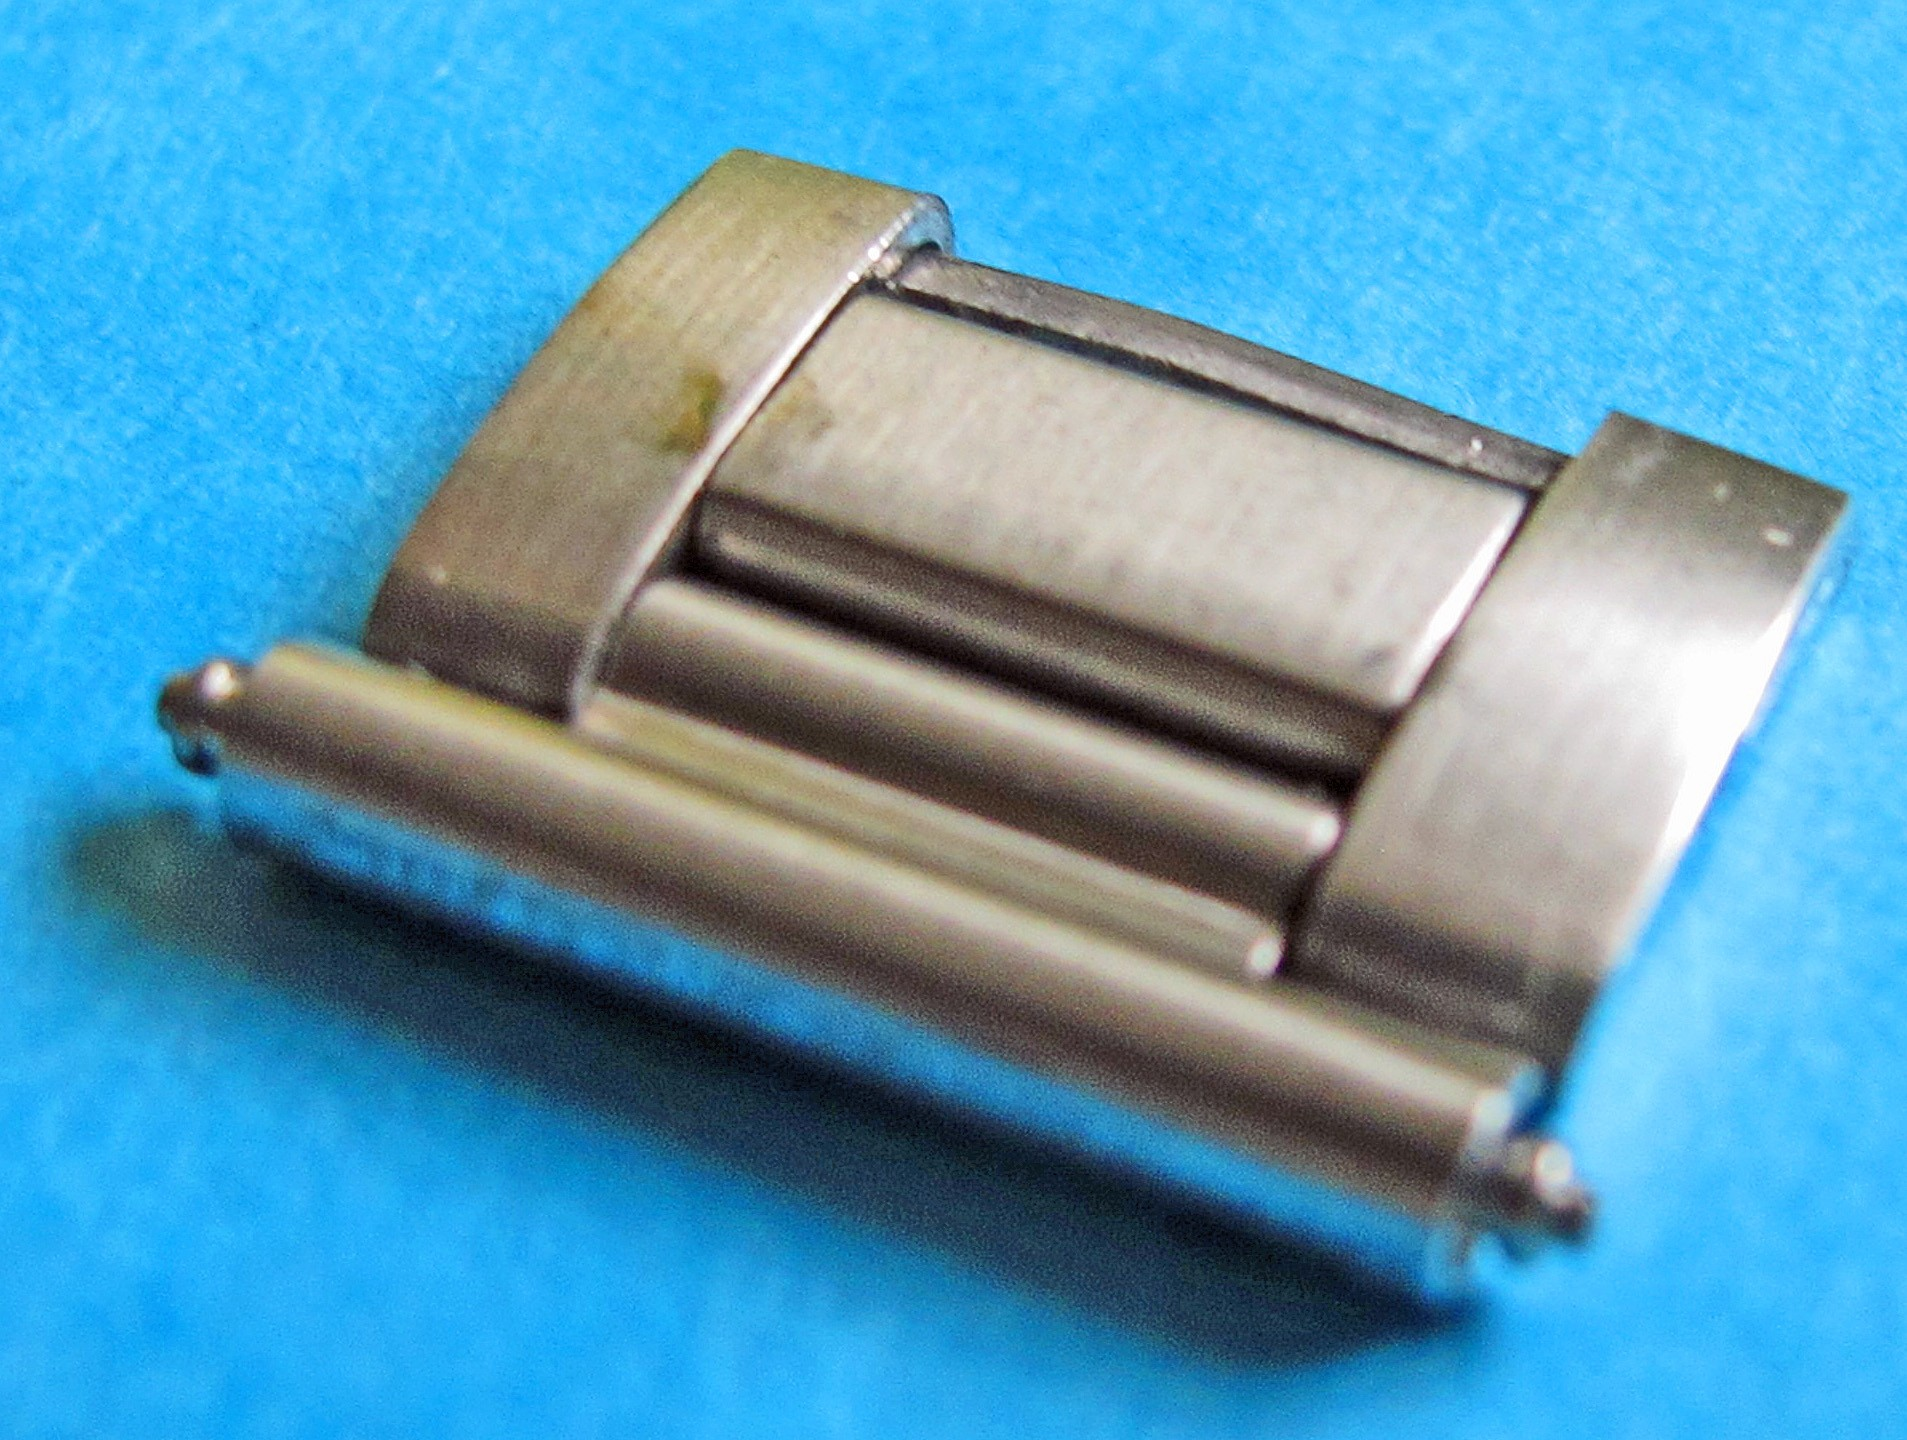 MAILLON 7836 ATTACHE PLIE ROLEX TUDOR BRACELET VINTAGE 15.21mm